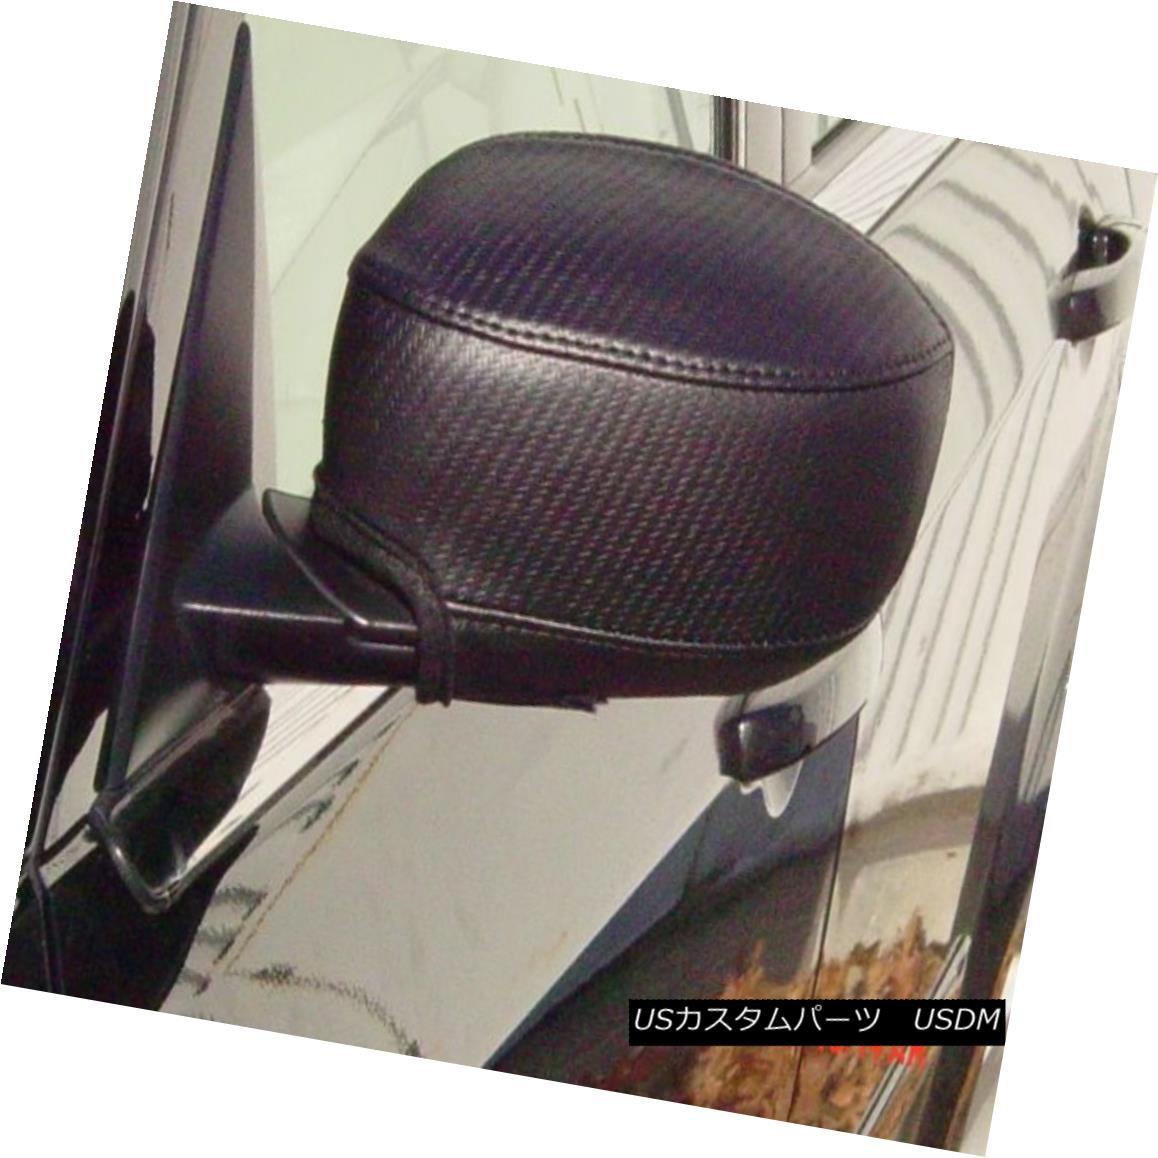 フルブラ ノーズブラ Colgan Car Mirror Covers Bra Protector Black Fits 2006-2010 Charger, R/T, SE&SXT コルガン車ミラーカバーブラプロテクターブラックフィット2006-2010充電器、R / T、SE&SXT